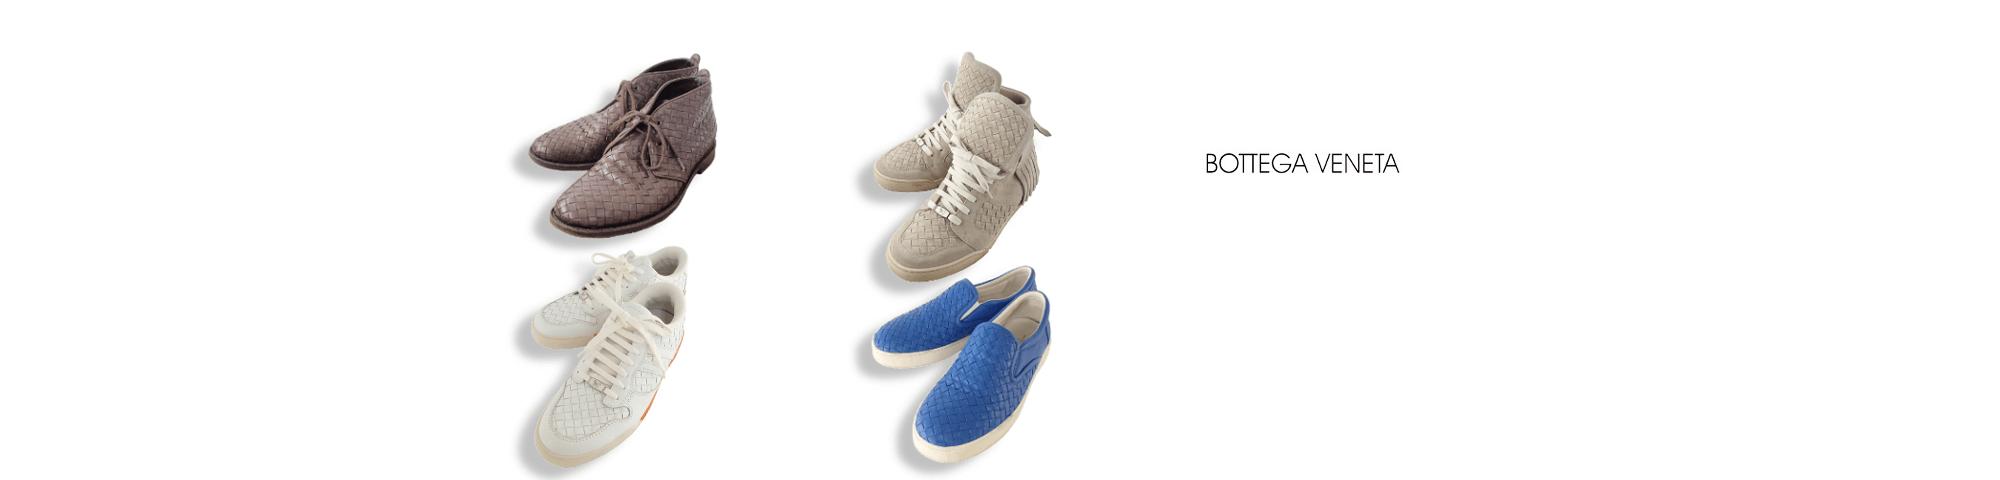 ボッテガヴェネタのボッテガヴェネタ靴買取の高価買取ならお任せ下さい。